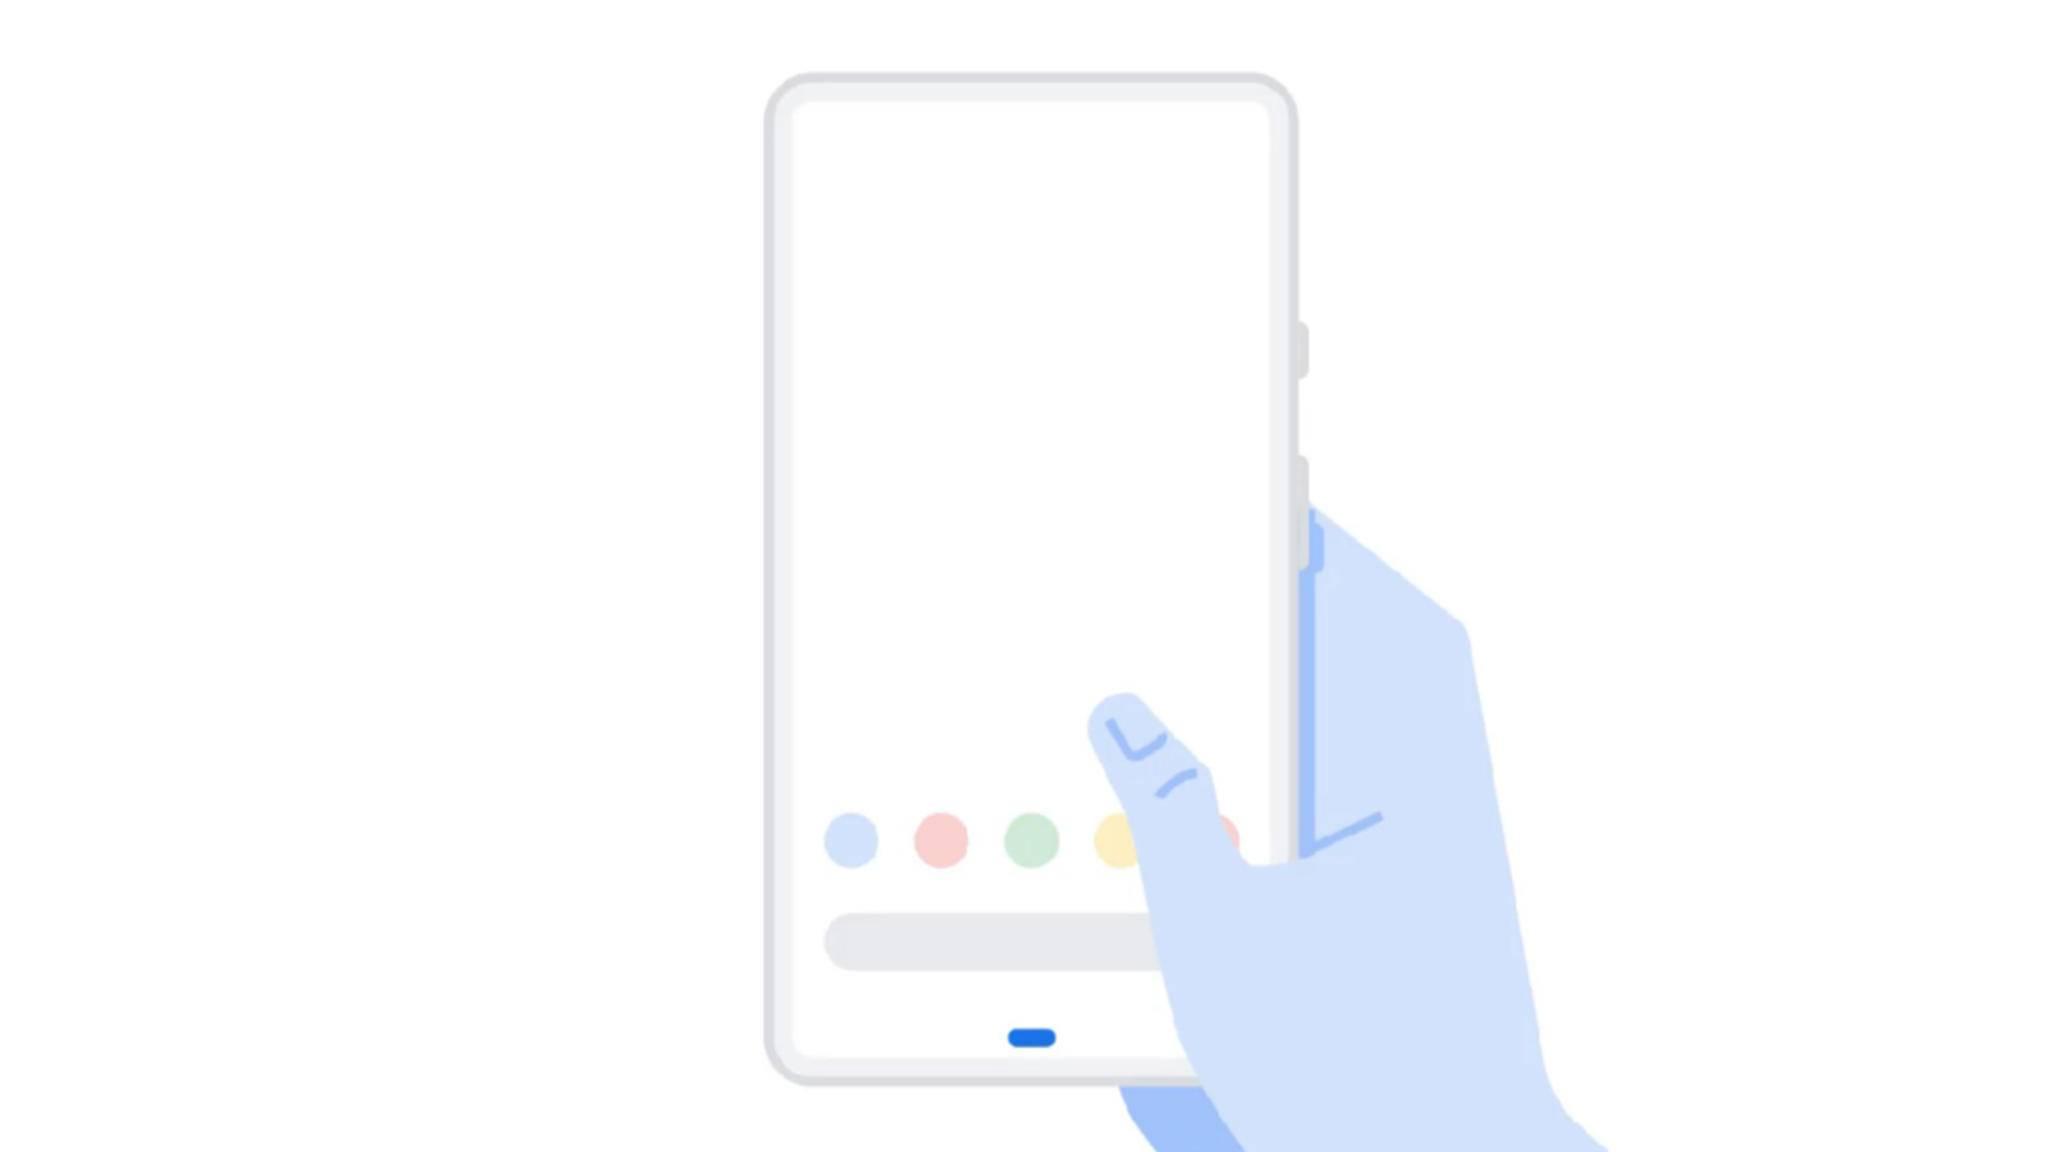 Handelt es sich bei dem Platzhalter in der Android-P-Beta um das Google Pixel 3?